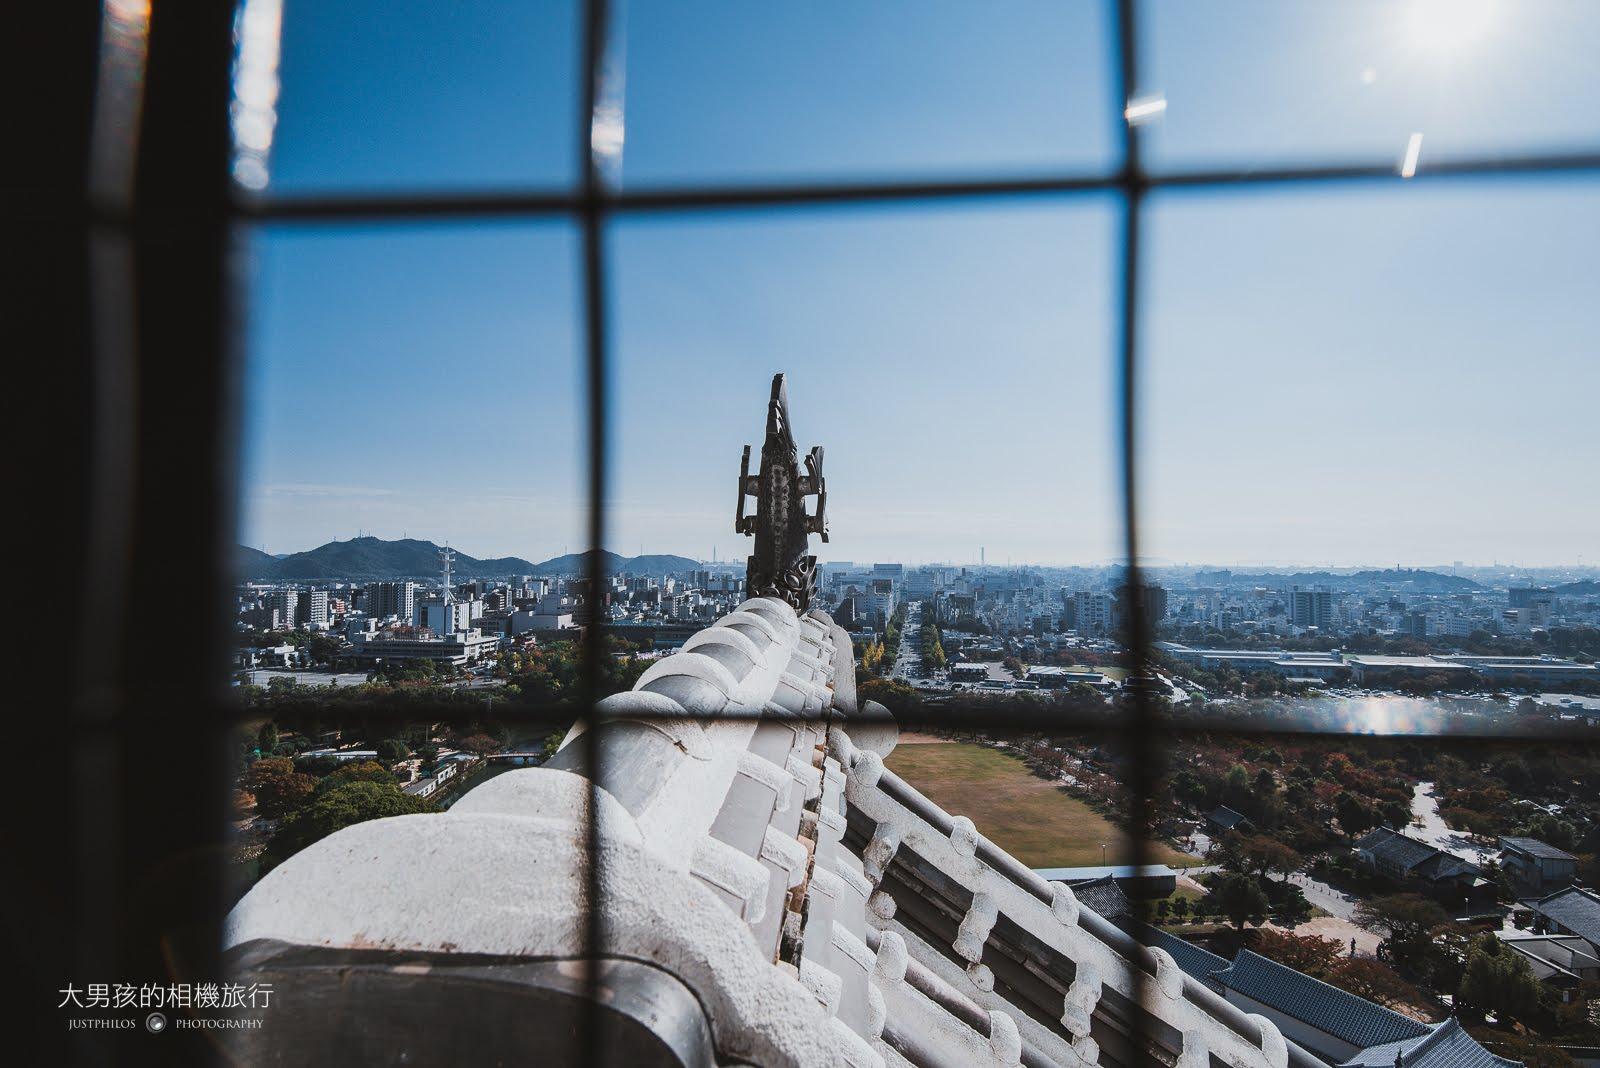 好不容易登上天守閣最頂端,透過天守閣看出去的姬路市景。